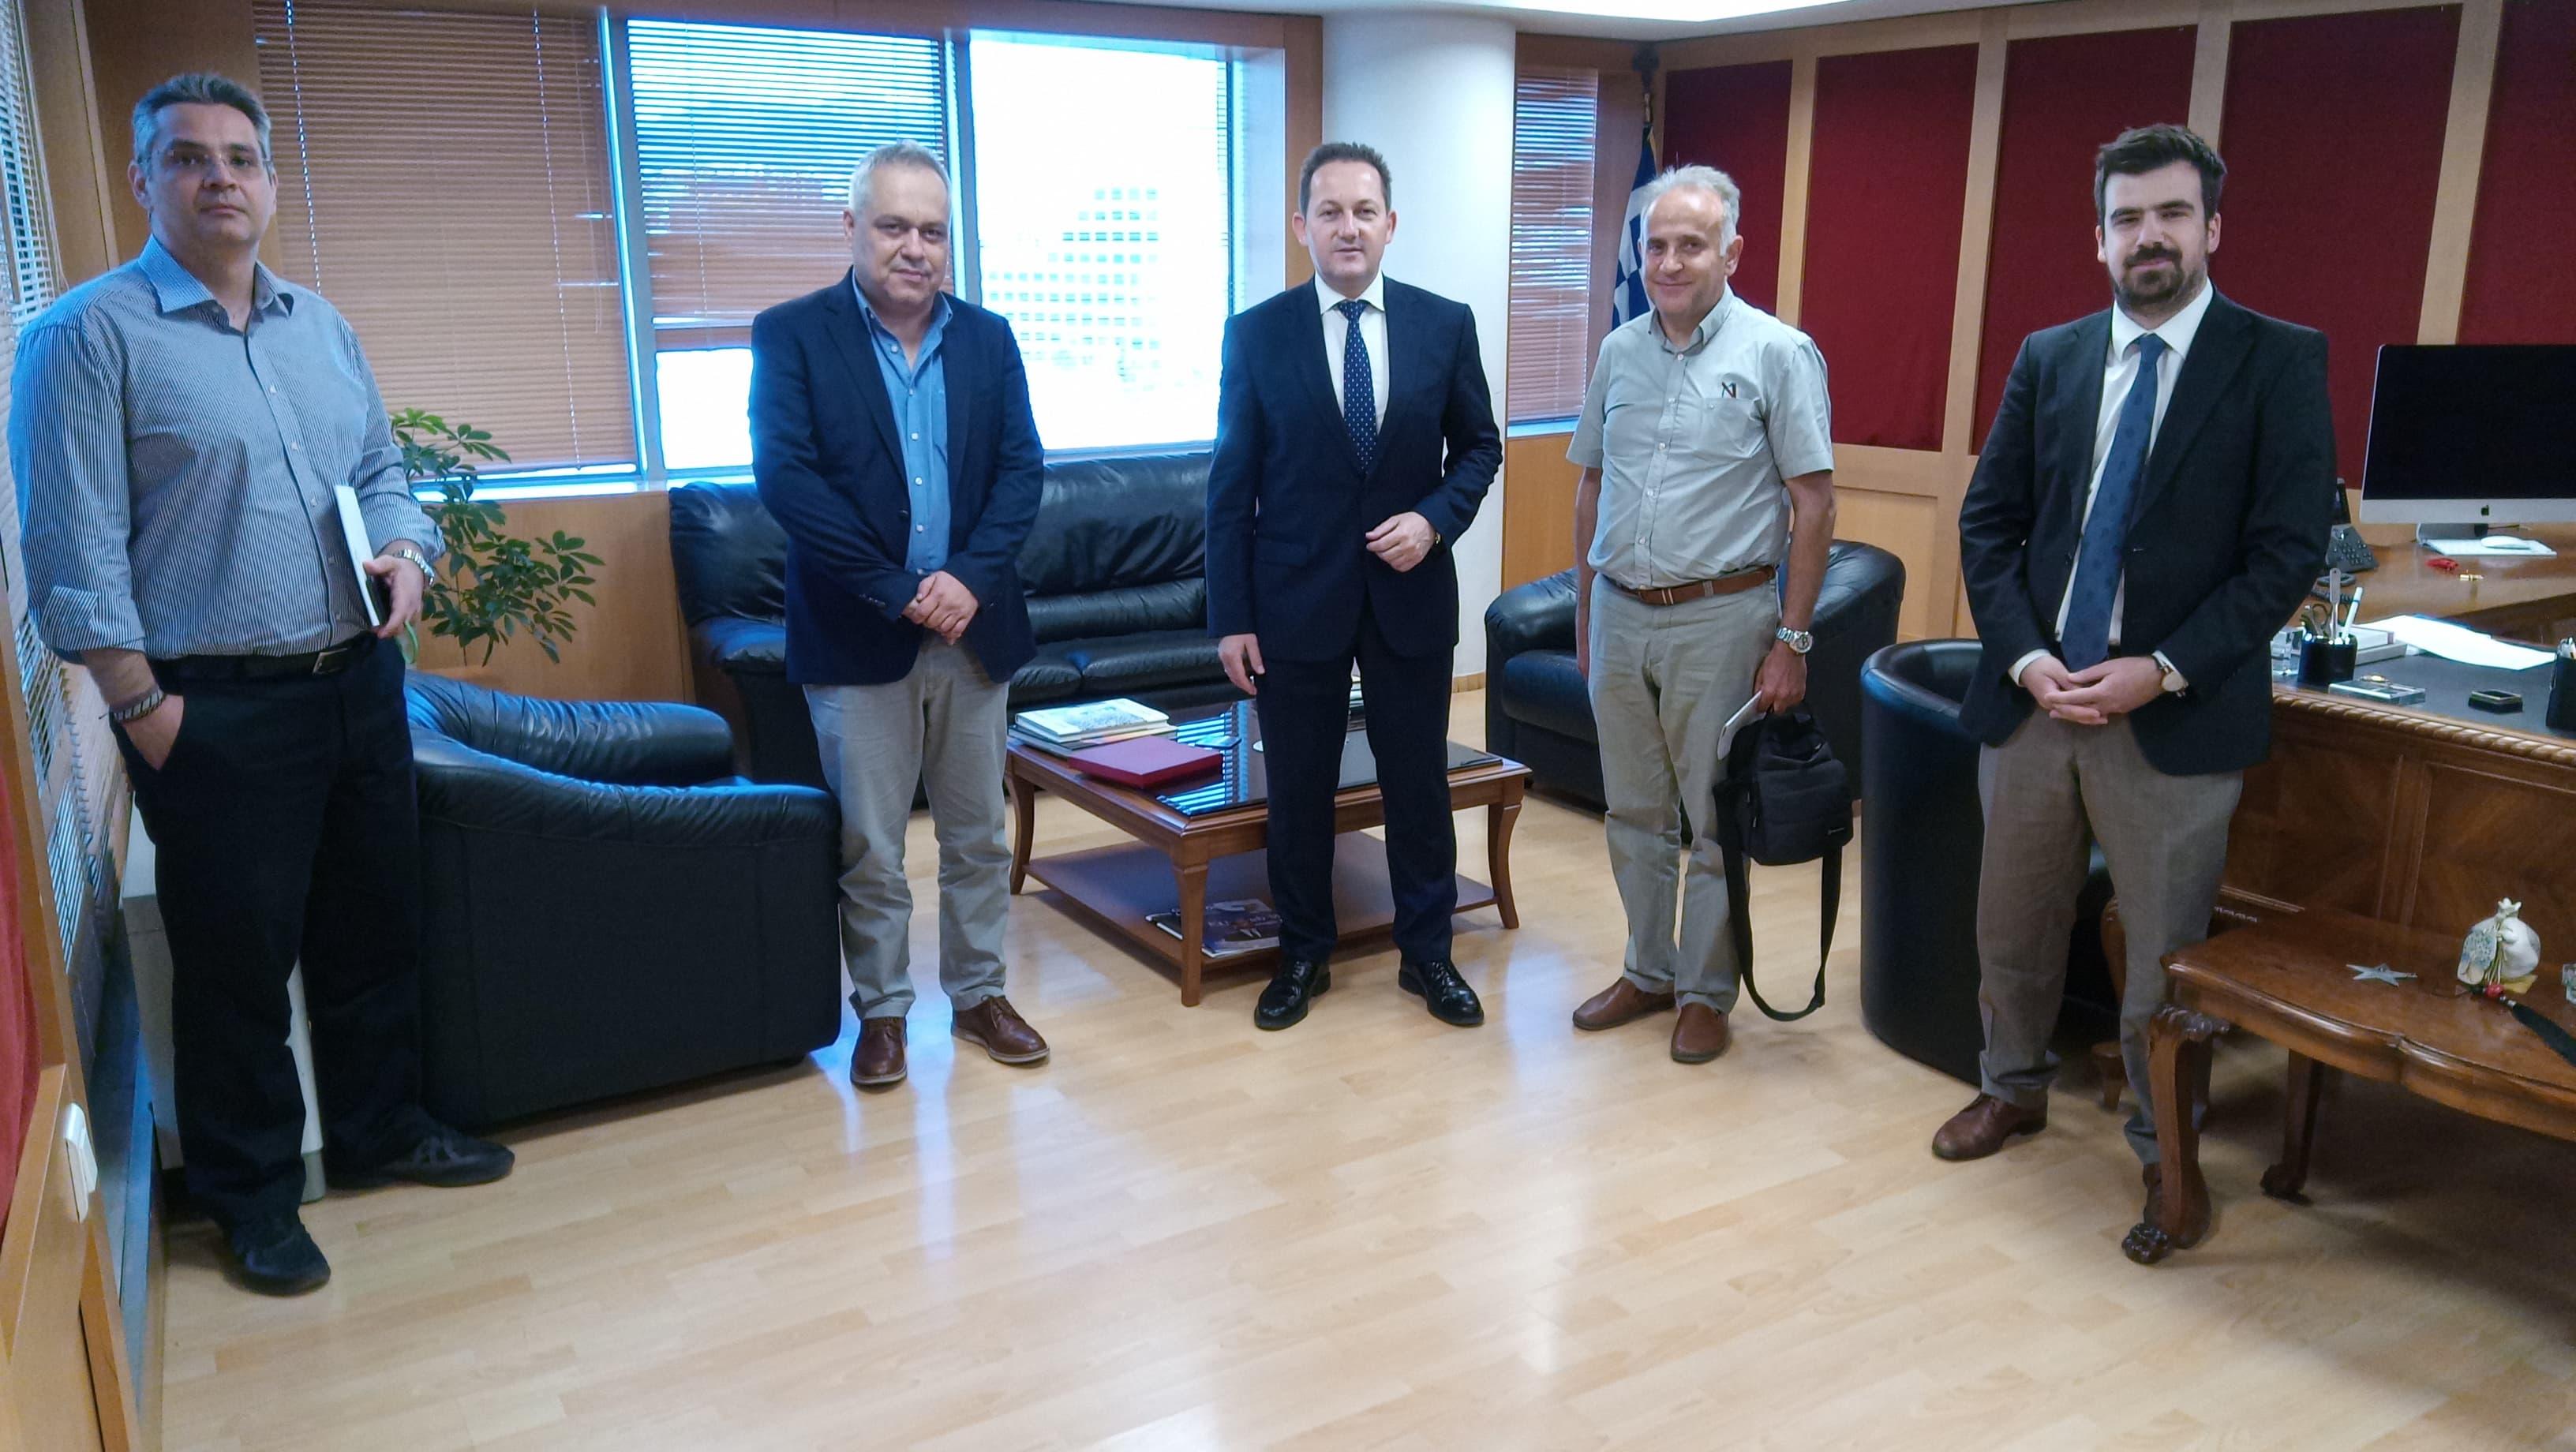 Συνάντηση εκπροσώπων της Ε.Ι.Ε.Τ με τον κυβερνητικό εκπρόσωπο Στέλιο Πέτσα